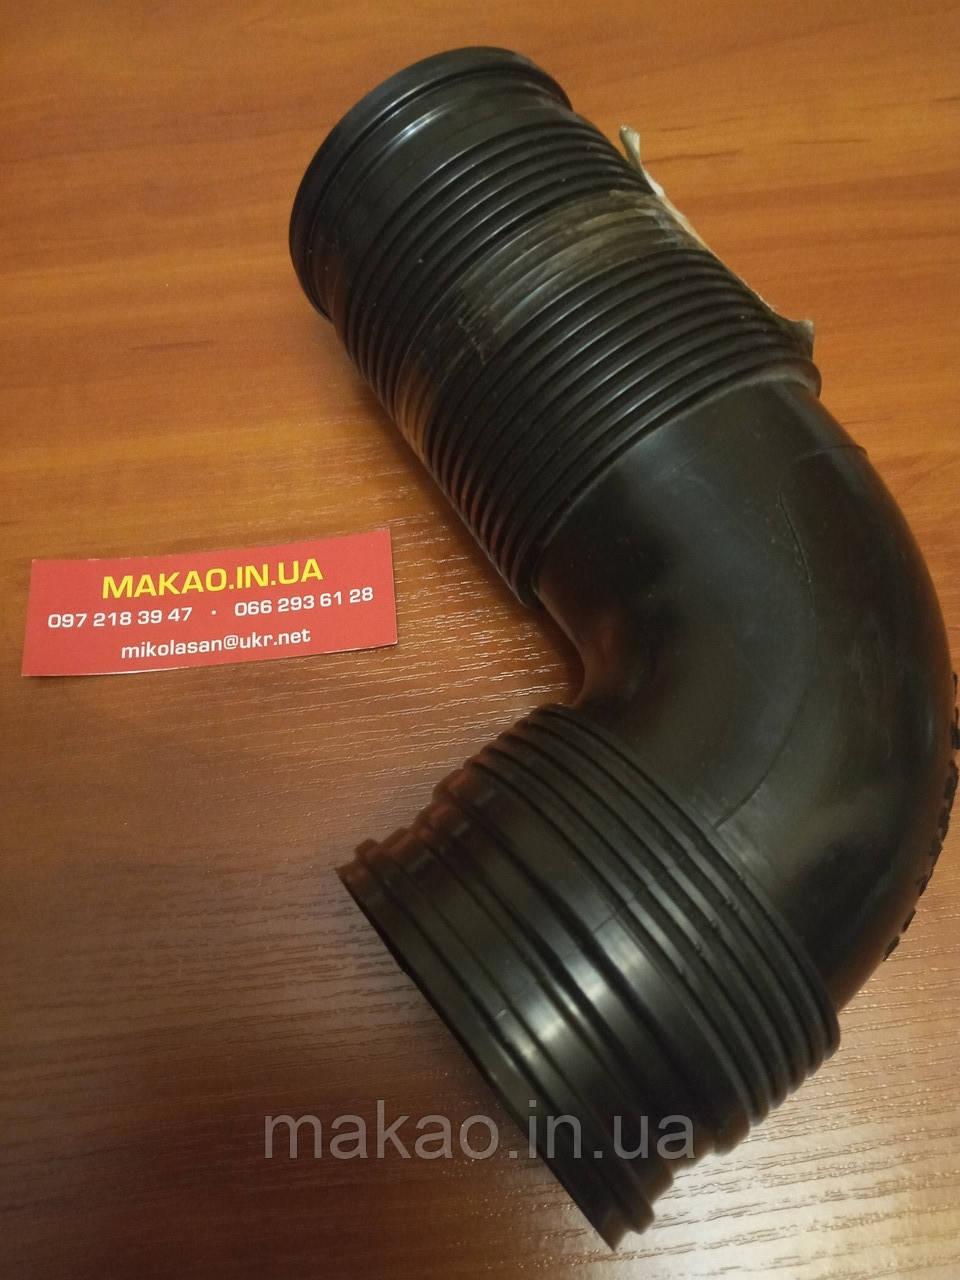 Патрубок (ориг) від расходовимірювача повітря до повітряного фільтра VW Sharan